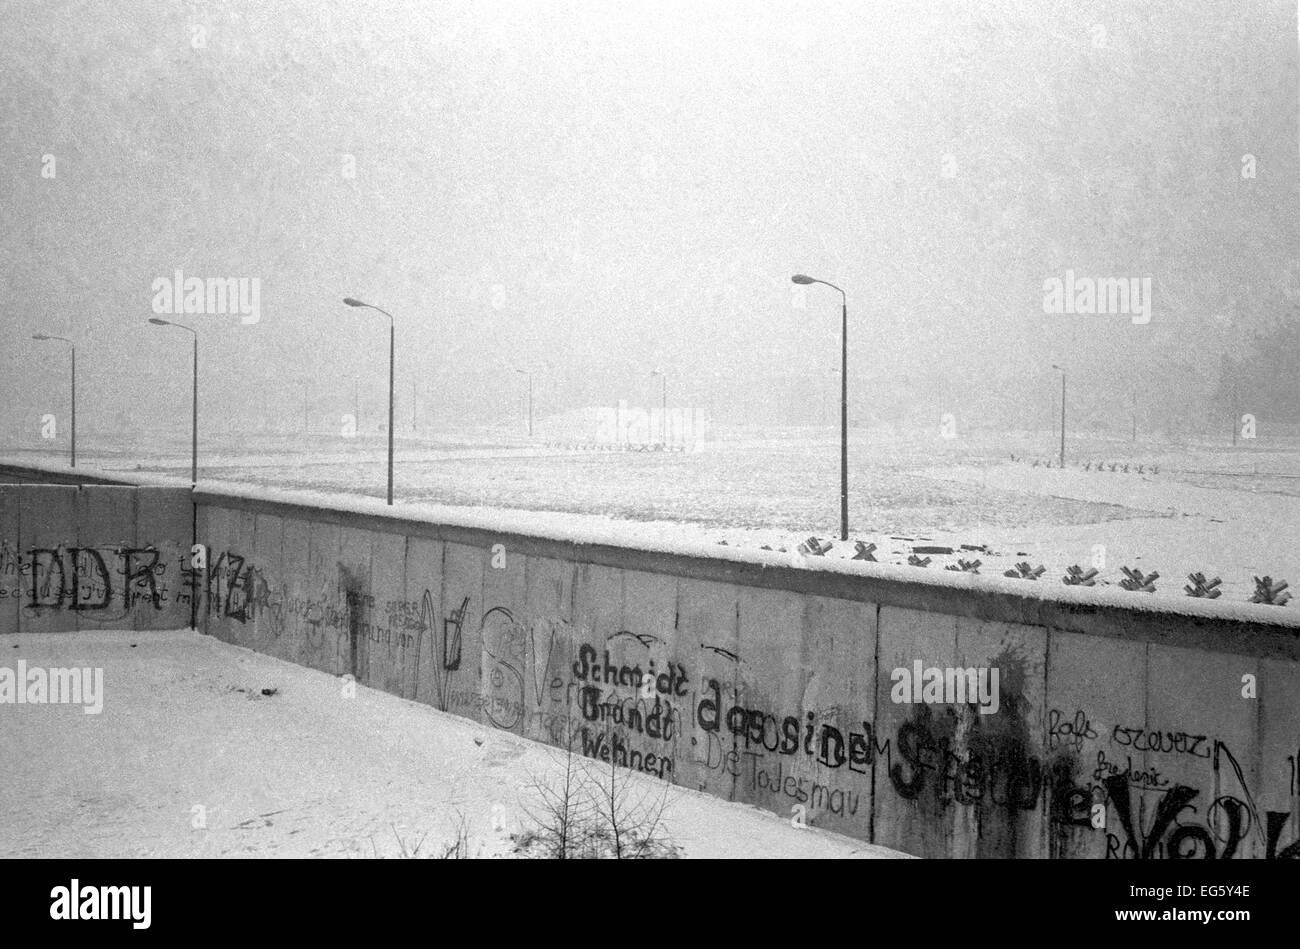 Le mur de Berlin à la Potsdamer Platz sur une froide journée d'hiver, la neige. Photo Stock